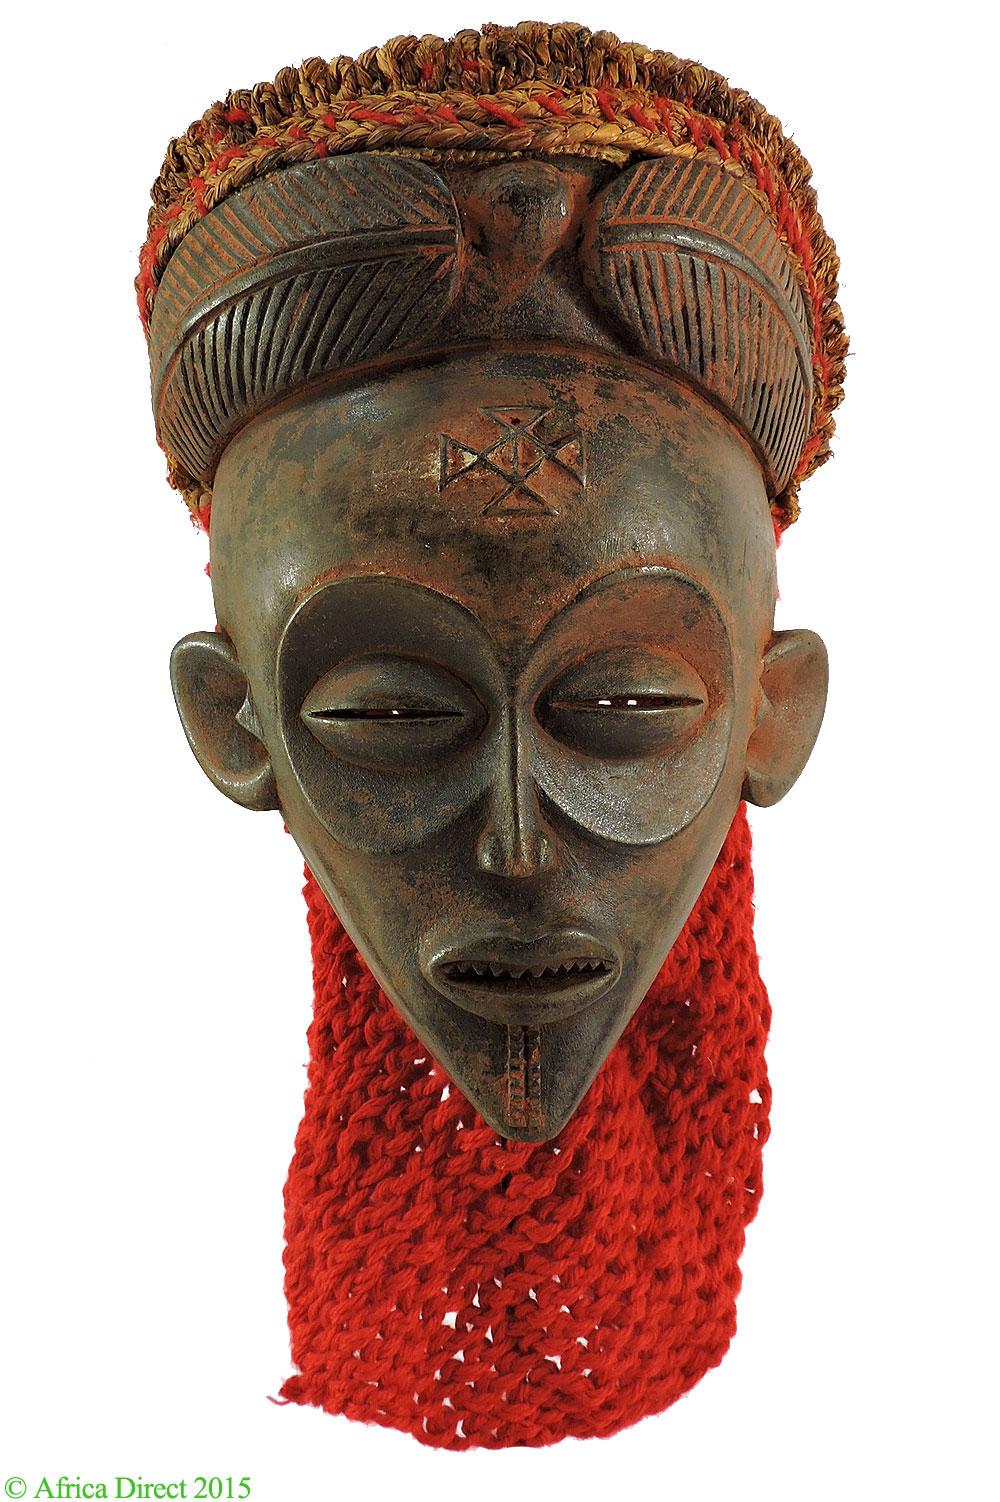 Chokwe Mask Mwana Pwo Angola Congo African Art  Chockwe